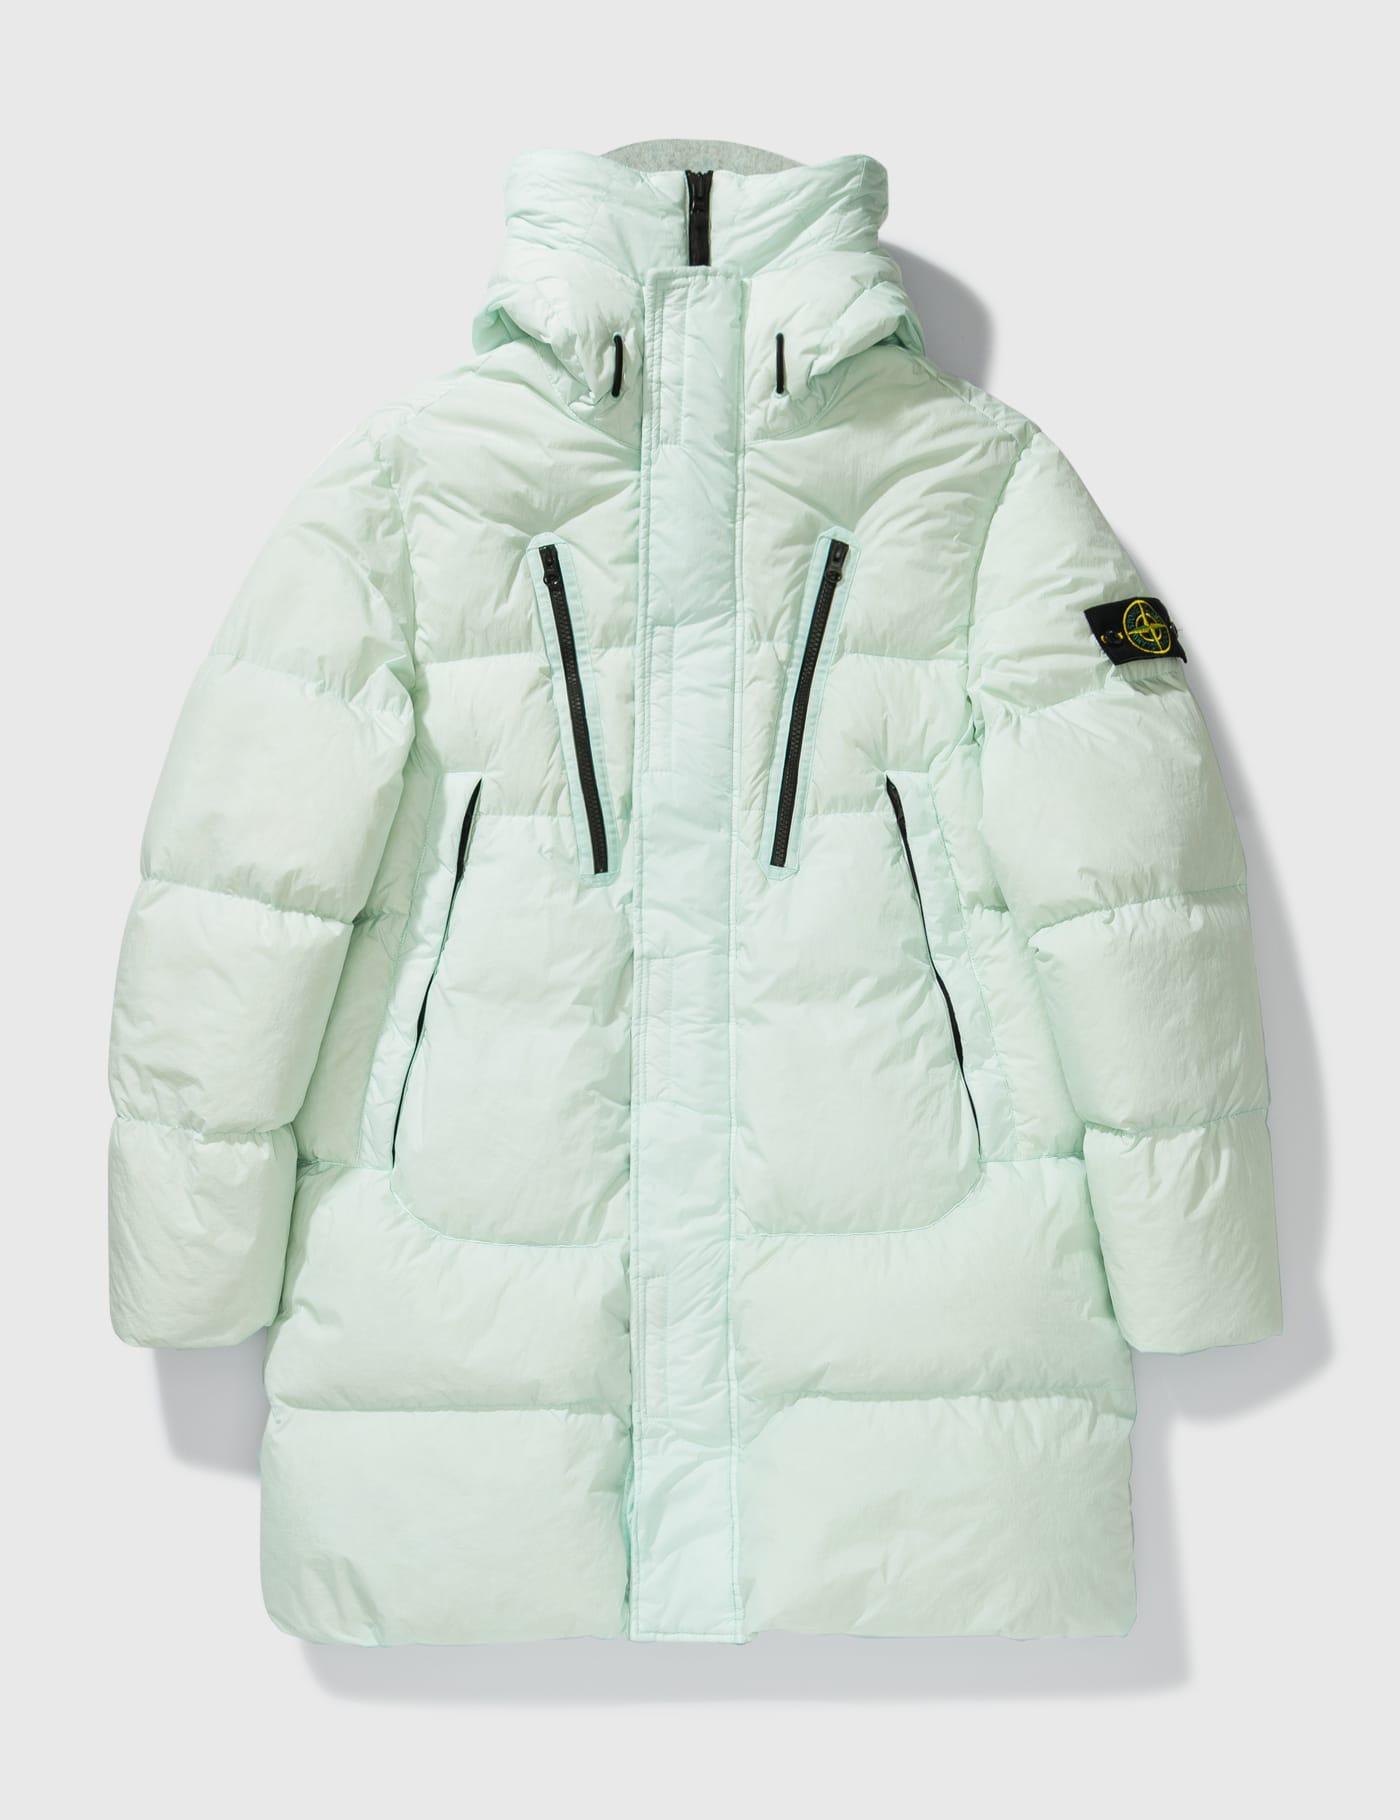 스톤 아일랜드 가먼트 다이 크링클 패딩 자켓 - 화이트 Stone Island Garment Dyed Crinkle Reps Padded Down Jacket